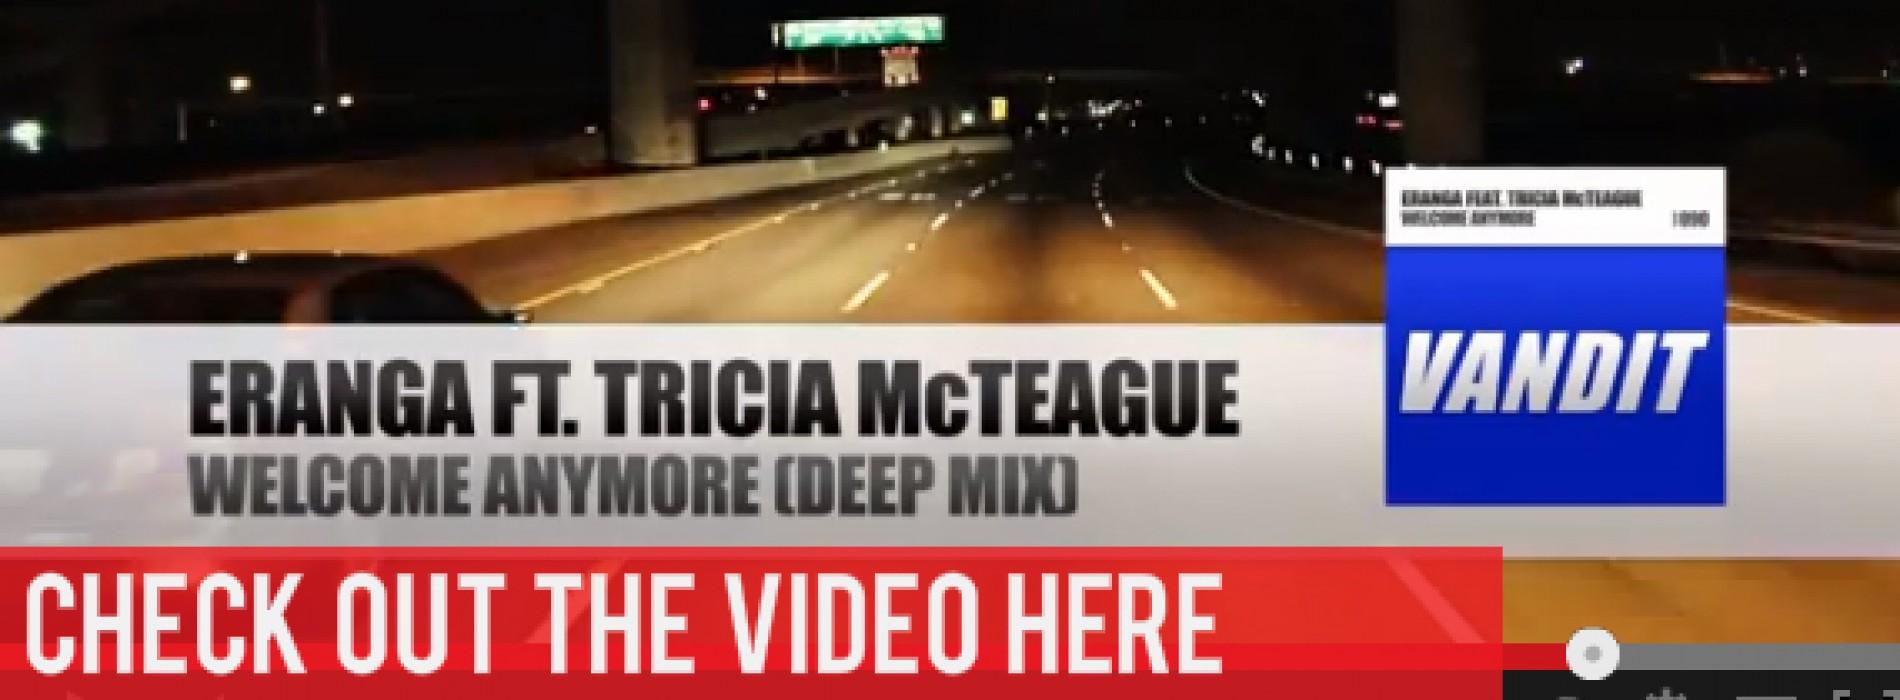 Eranga Ft. Tricia McTeague – Welcome Anymore (Video)